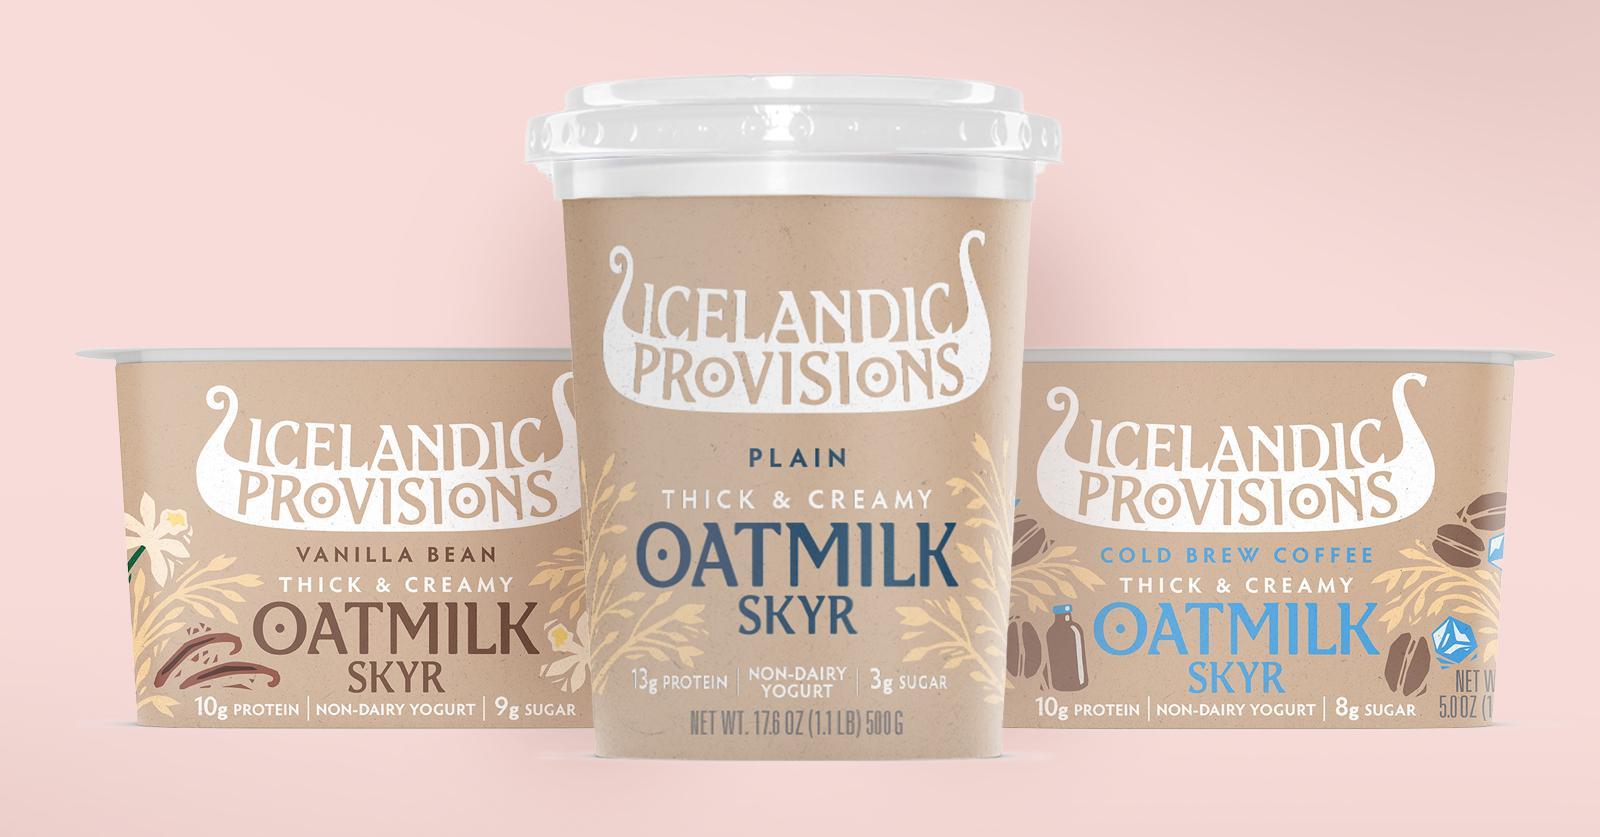 冰岛规定素食燕麦克斯斯皮尔